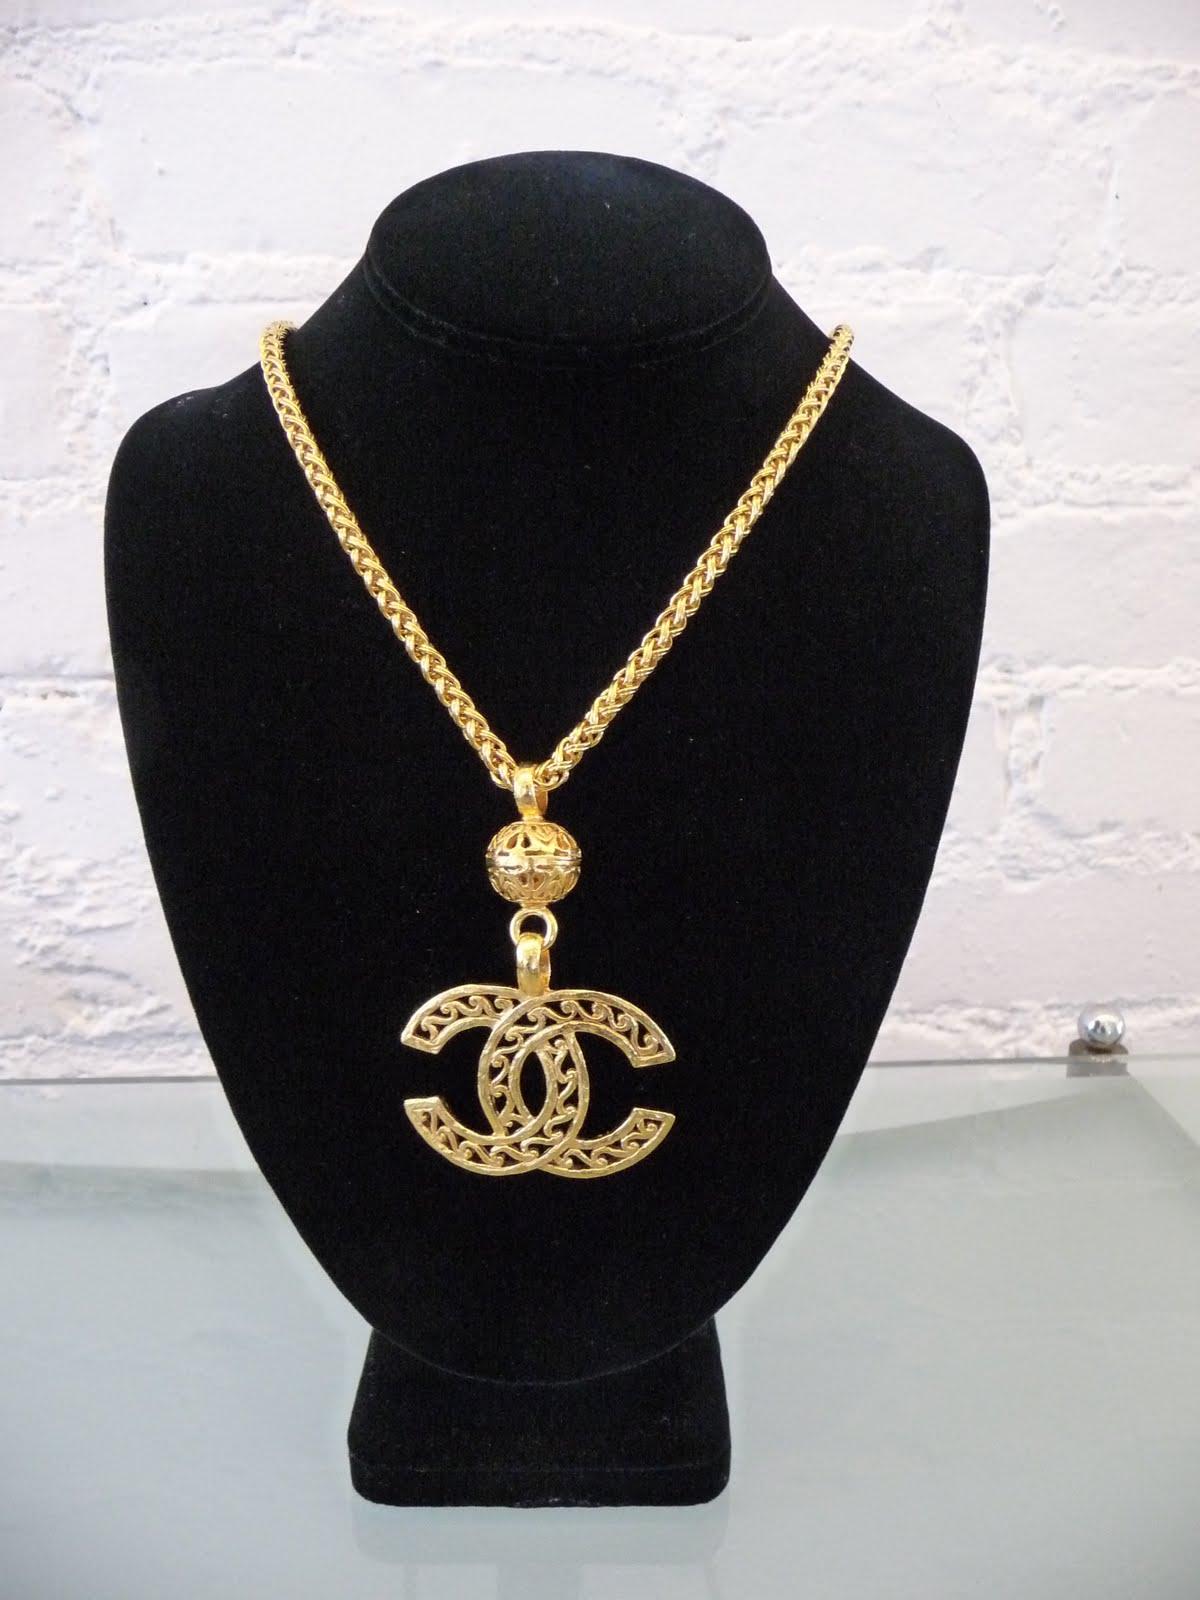 http://4.bp.blogspot.com/_9g1xXeNqBDQ/TL_LX54vh_I/AAAAAAAAUmg/0kaFCWKc7oE/s1600/Chanel_GoldCCLogoPendant_c.80s_KBA10_$1400.JPG